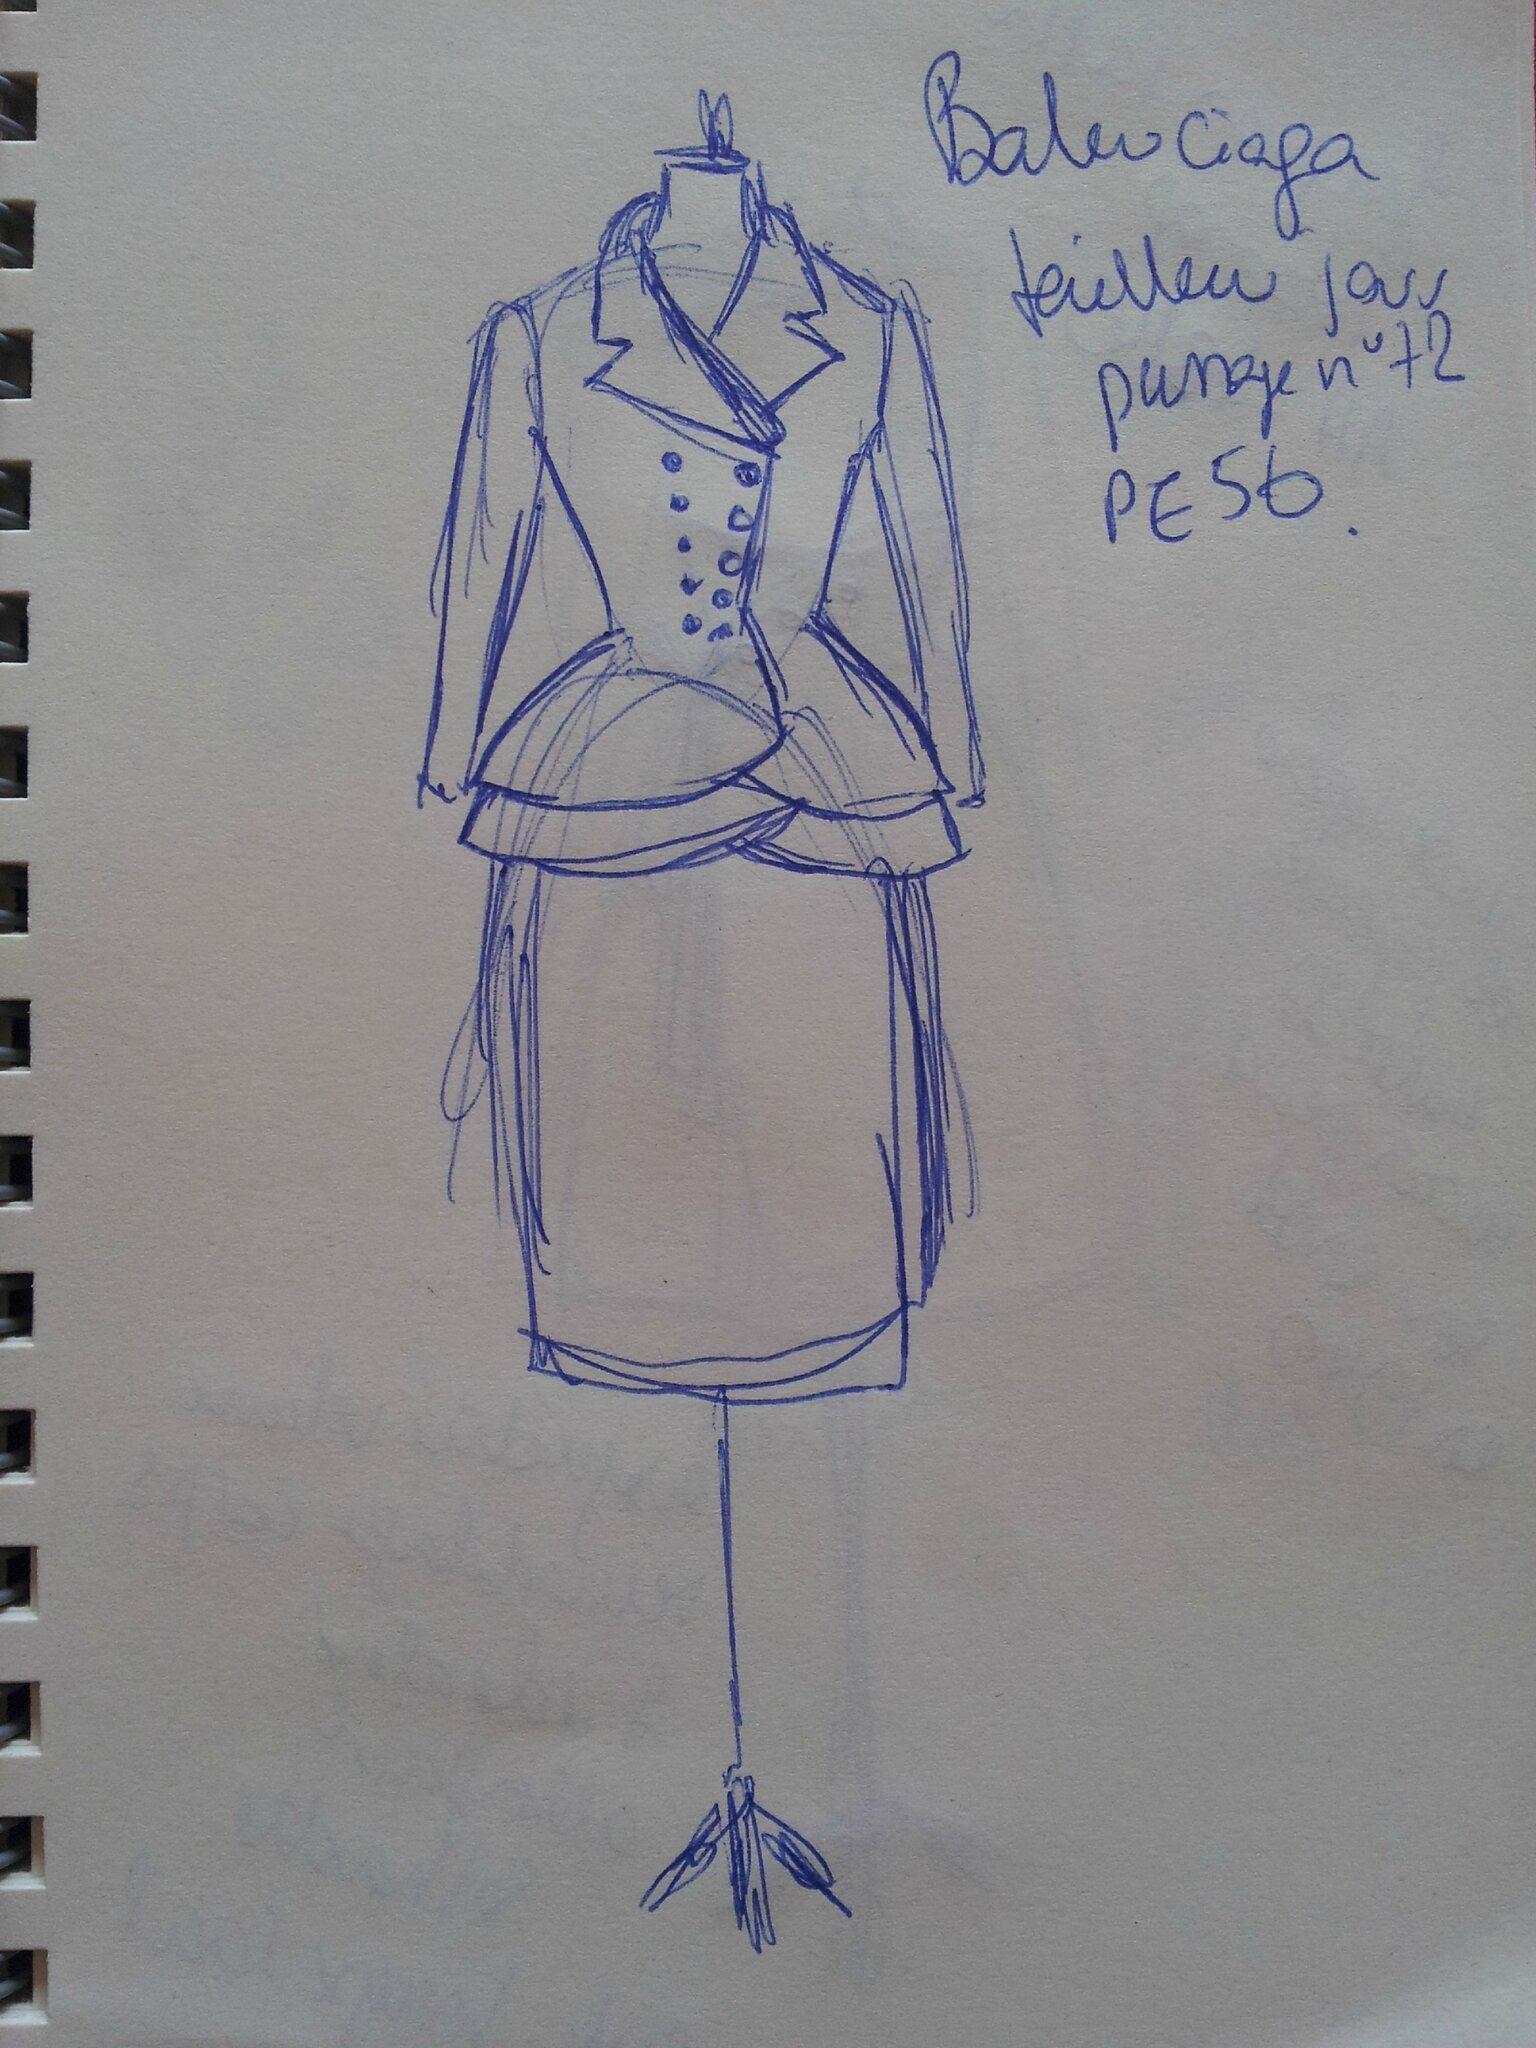 Balenciaga tailleur jour PE 56